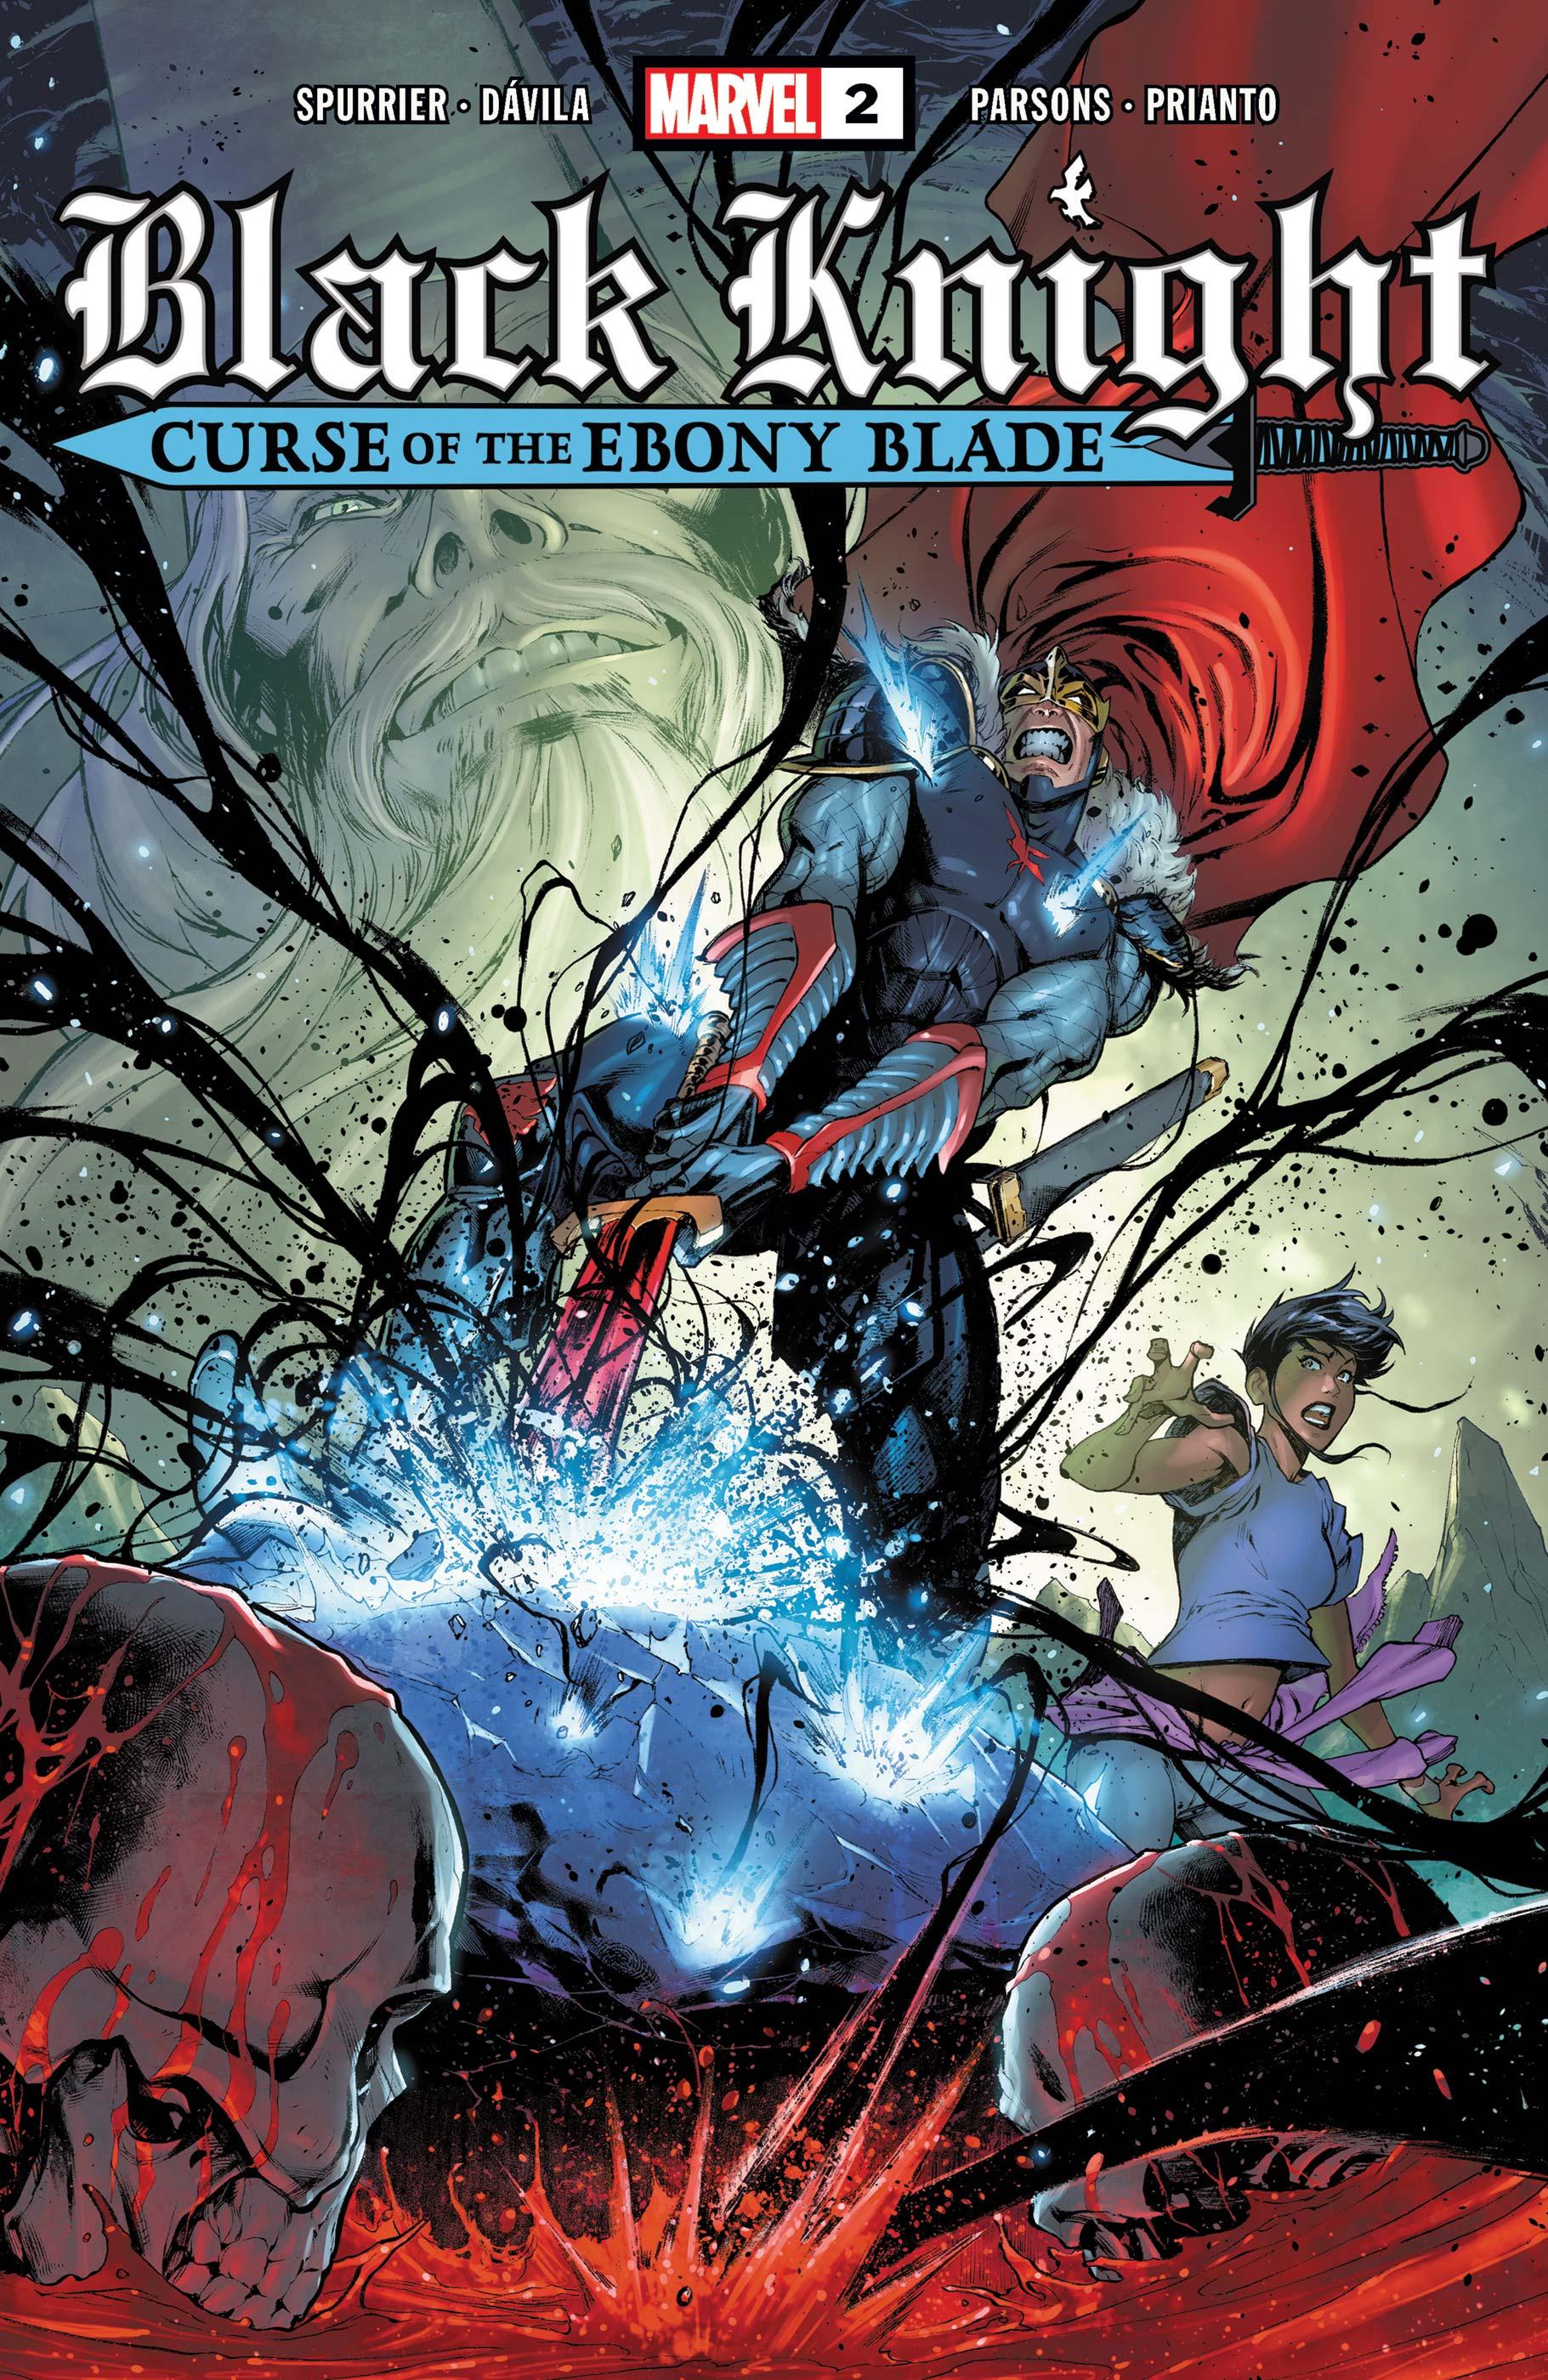 Black Knight: Curse of the Ebony Blade (2021) #2